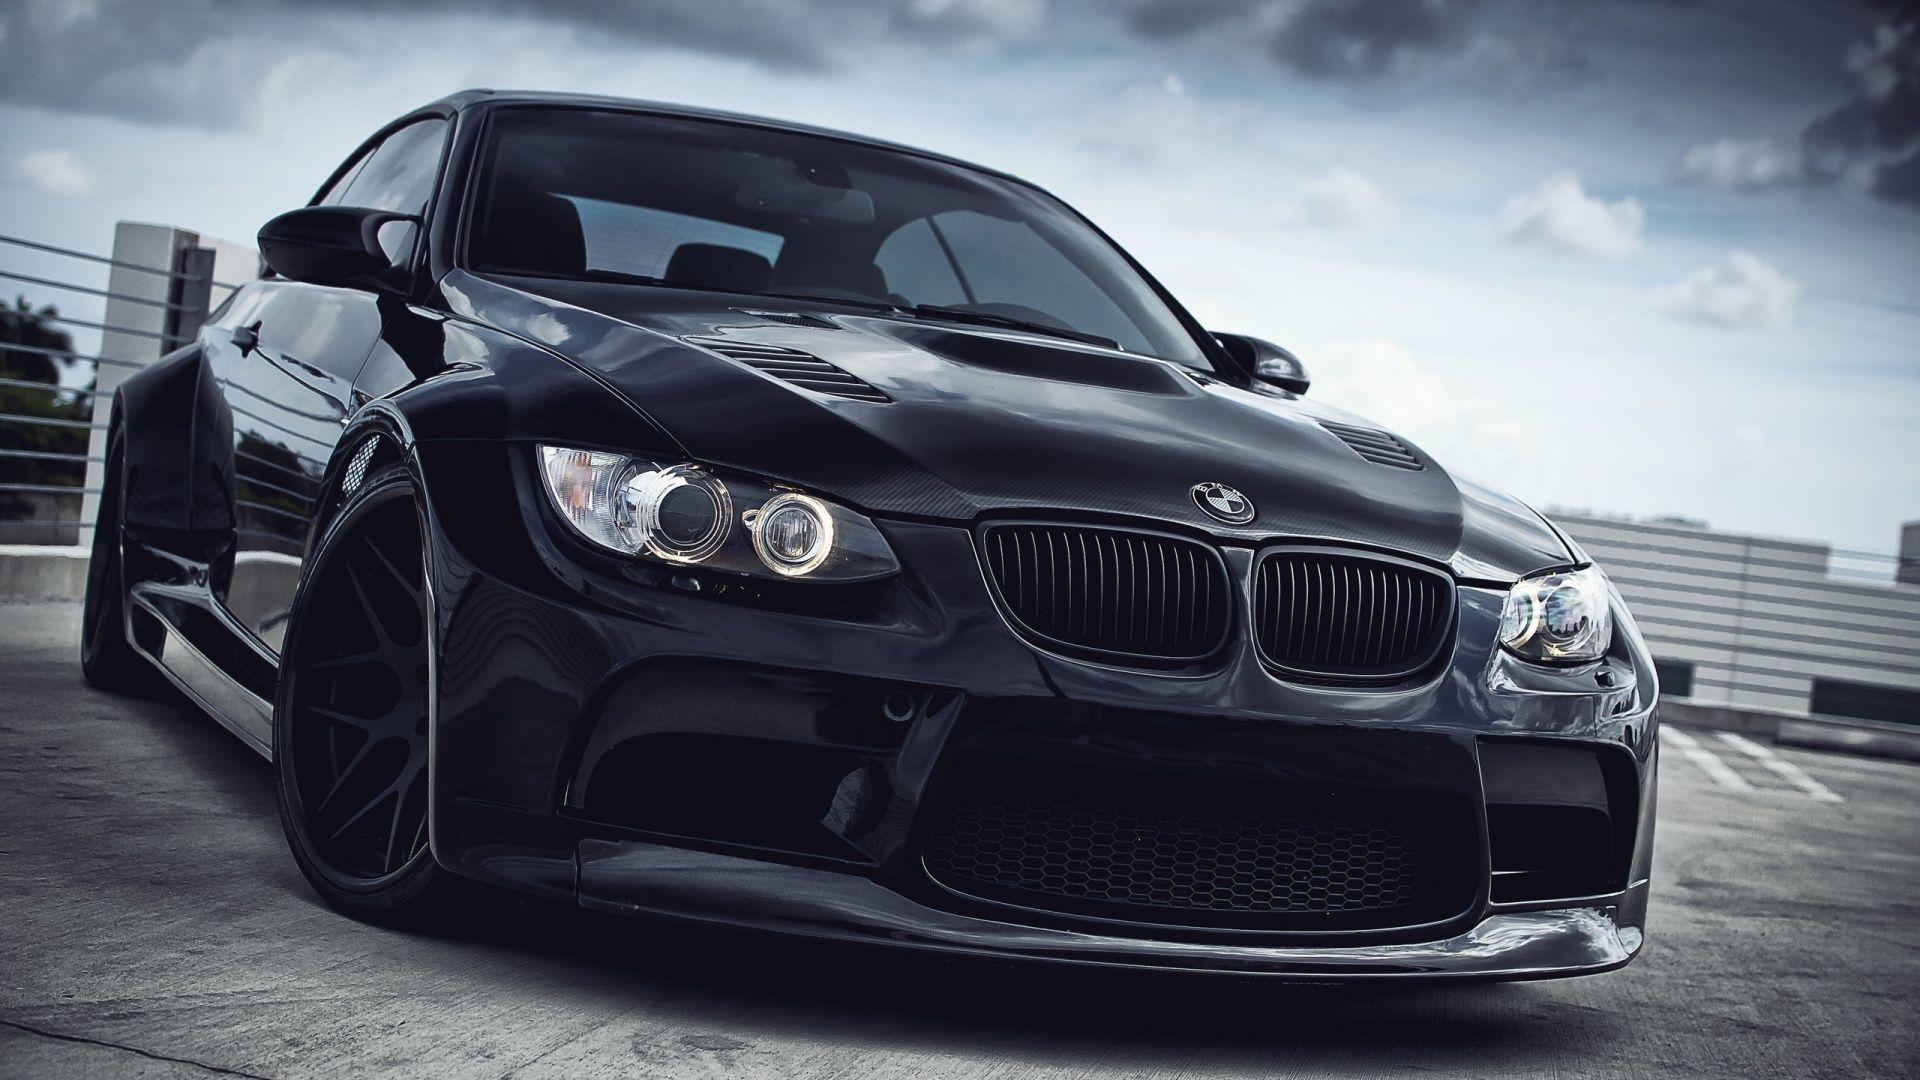 BMW M3 Wallpaper 04